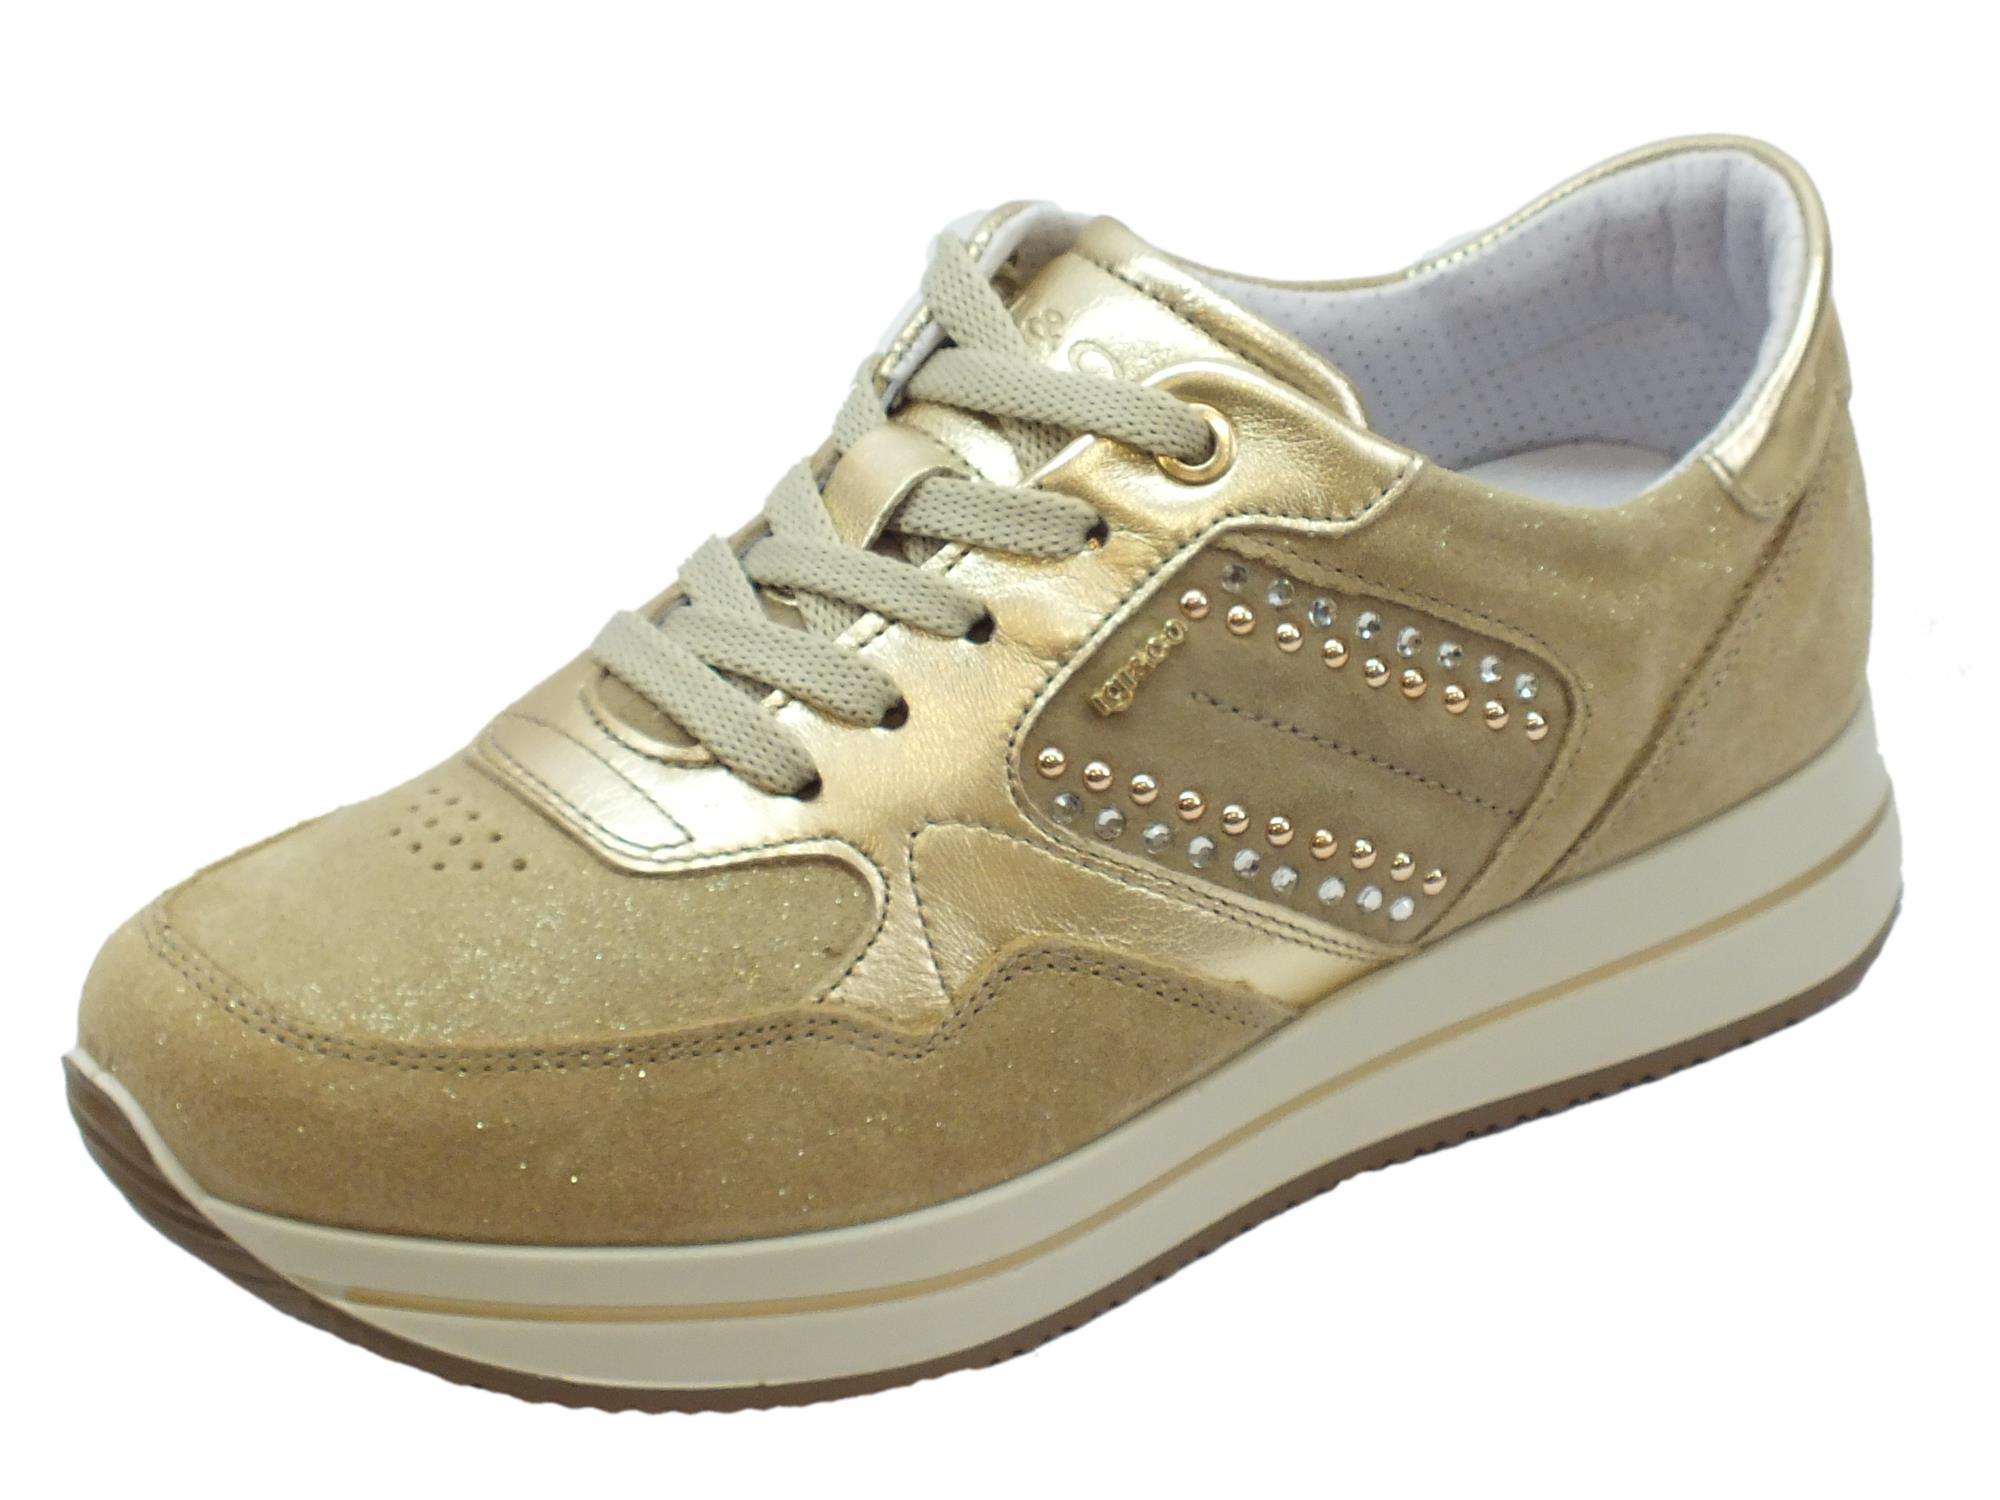 Igi Co Sneakers donna pelle scamosciata beige glitter - Vitiello ... 70e71fcbeb9